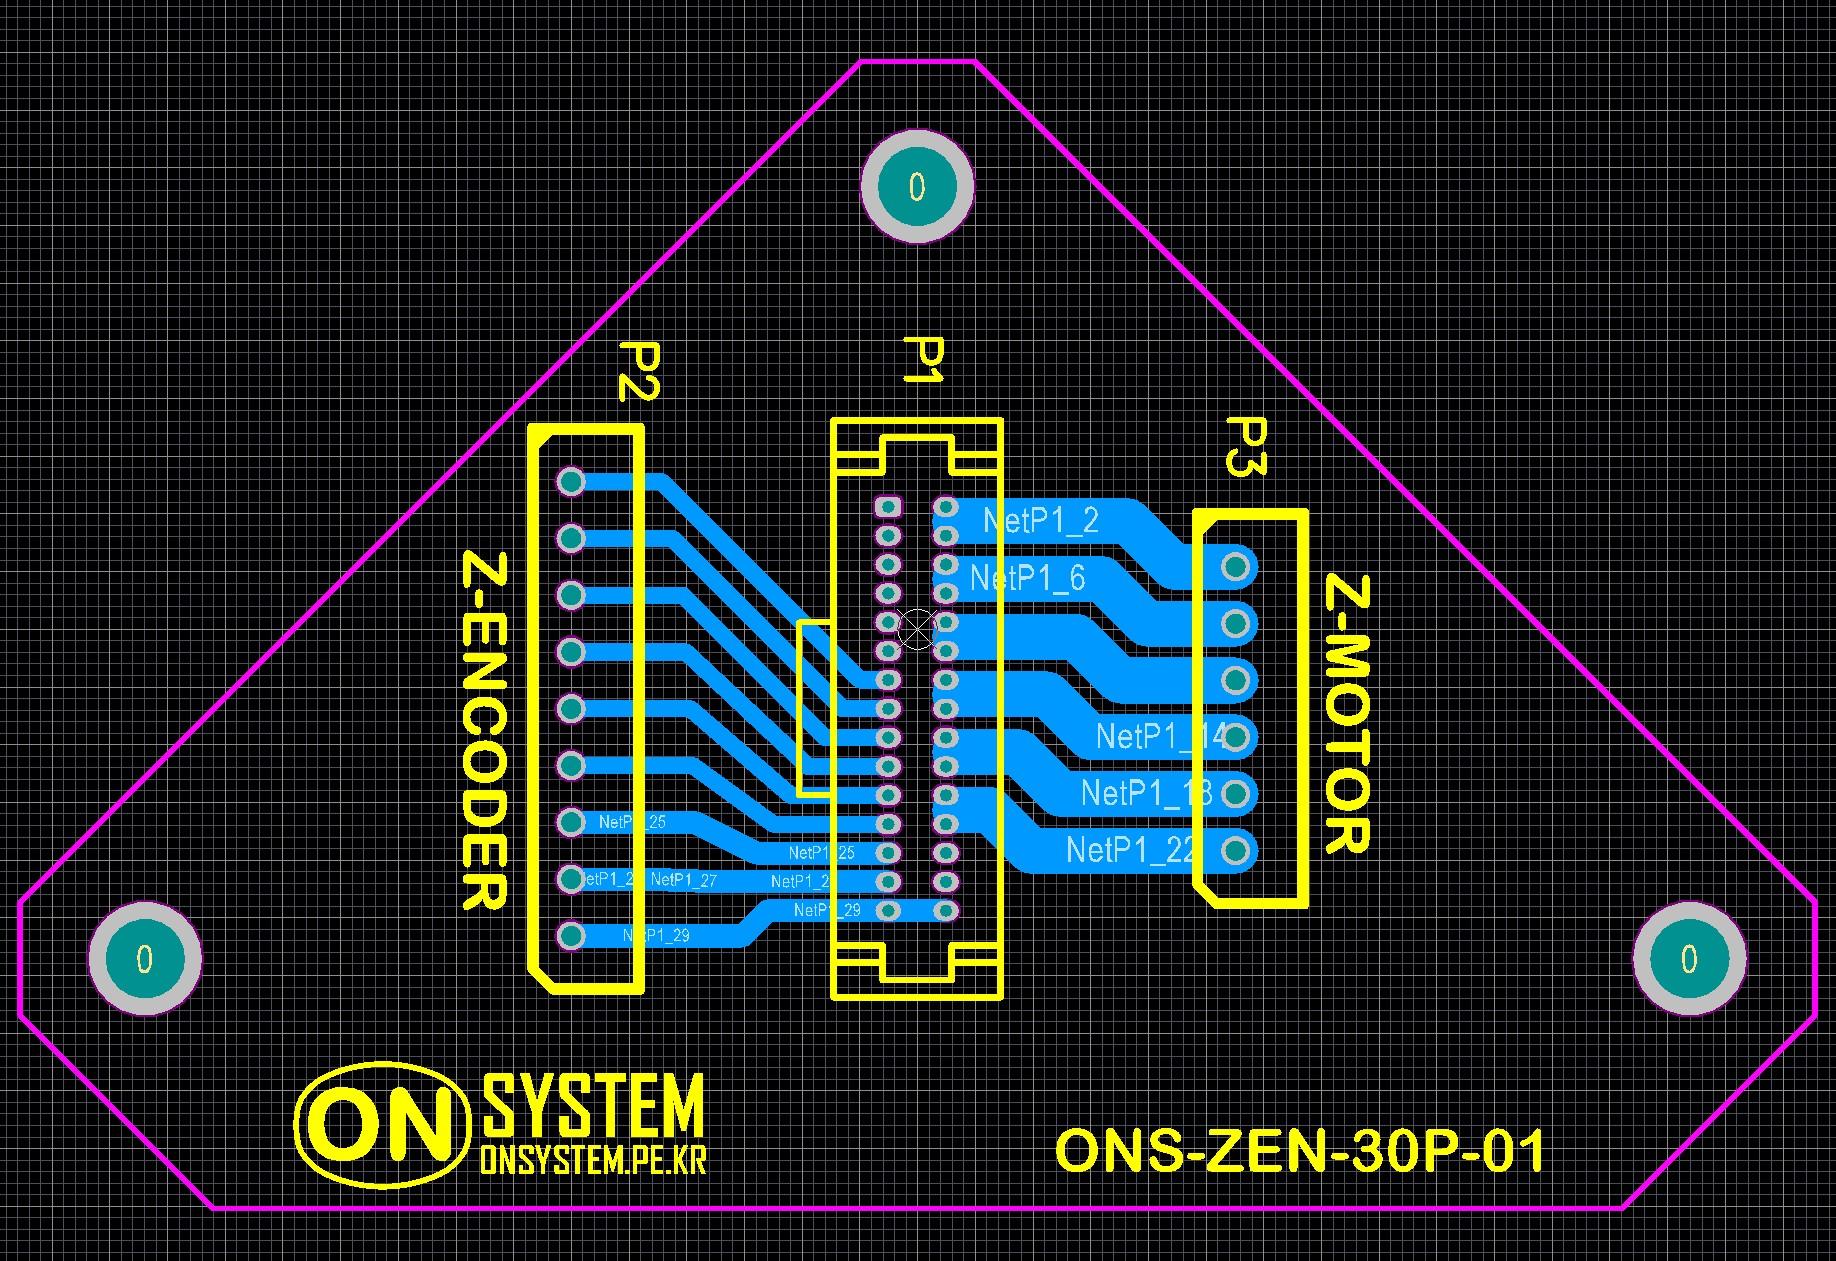 ONS-ZEN-30P-01.jpg